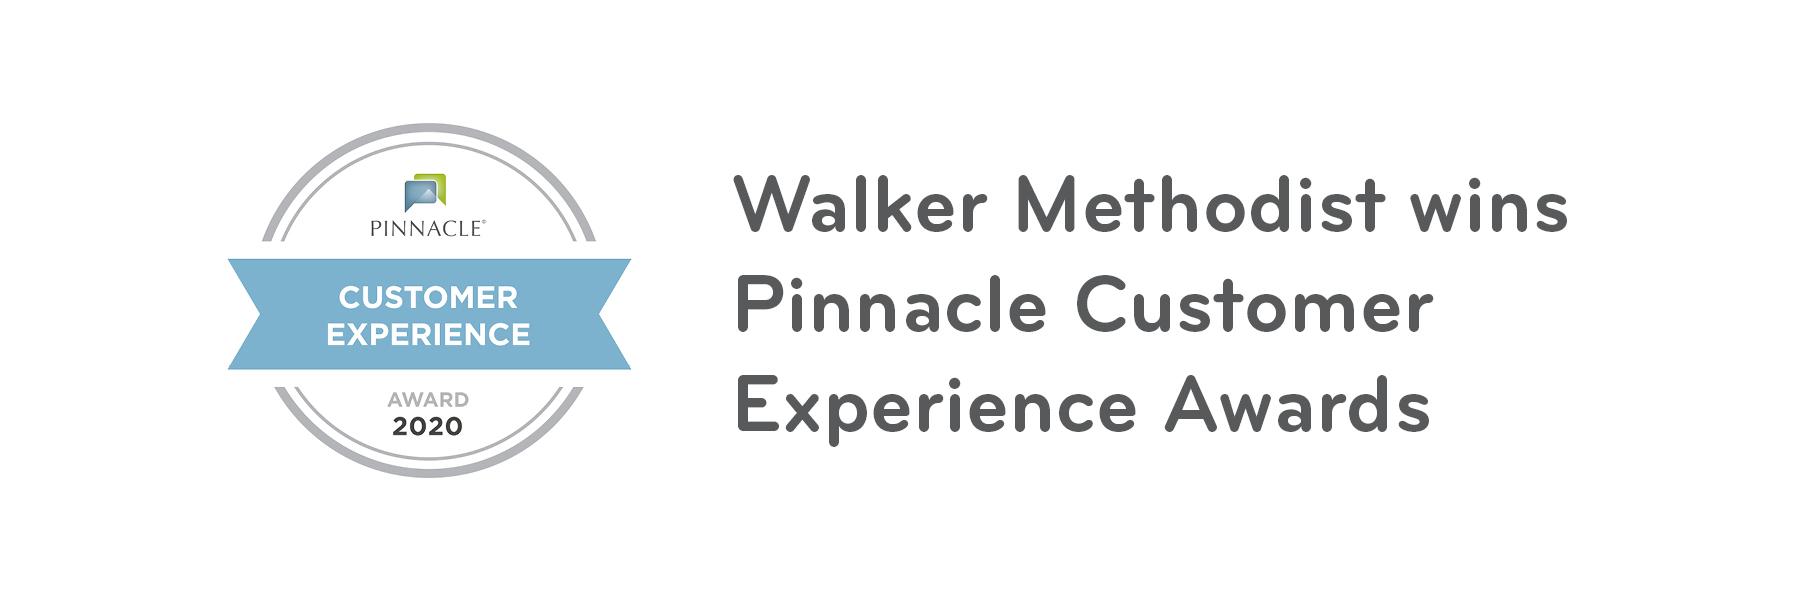 Walker Methodist communities receive Pinnacle Customer Experience awards